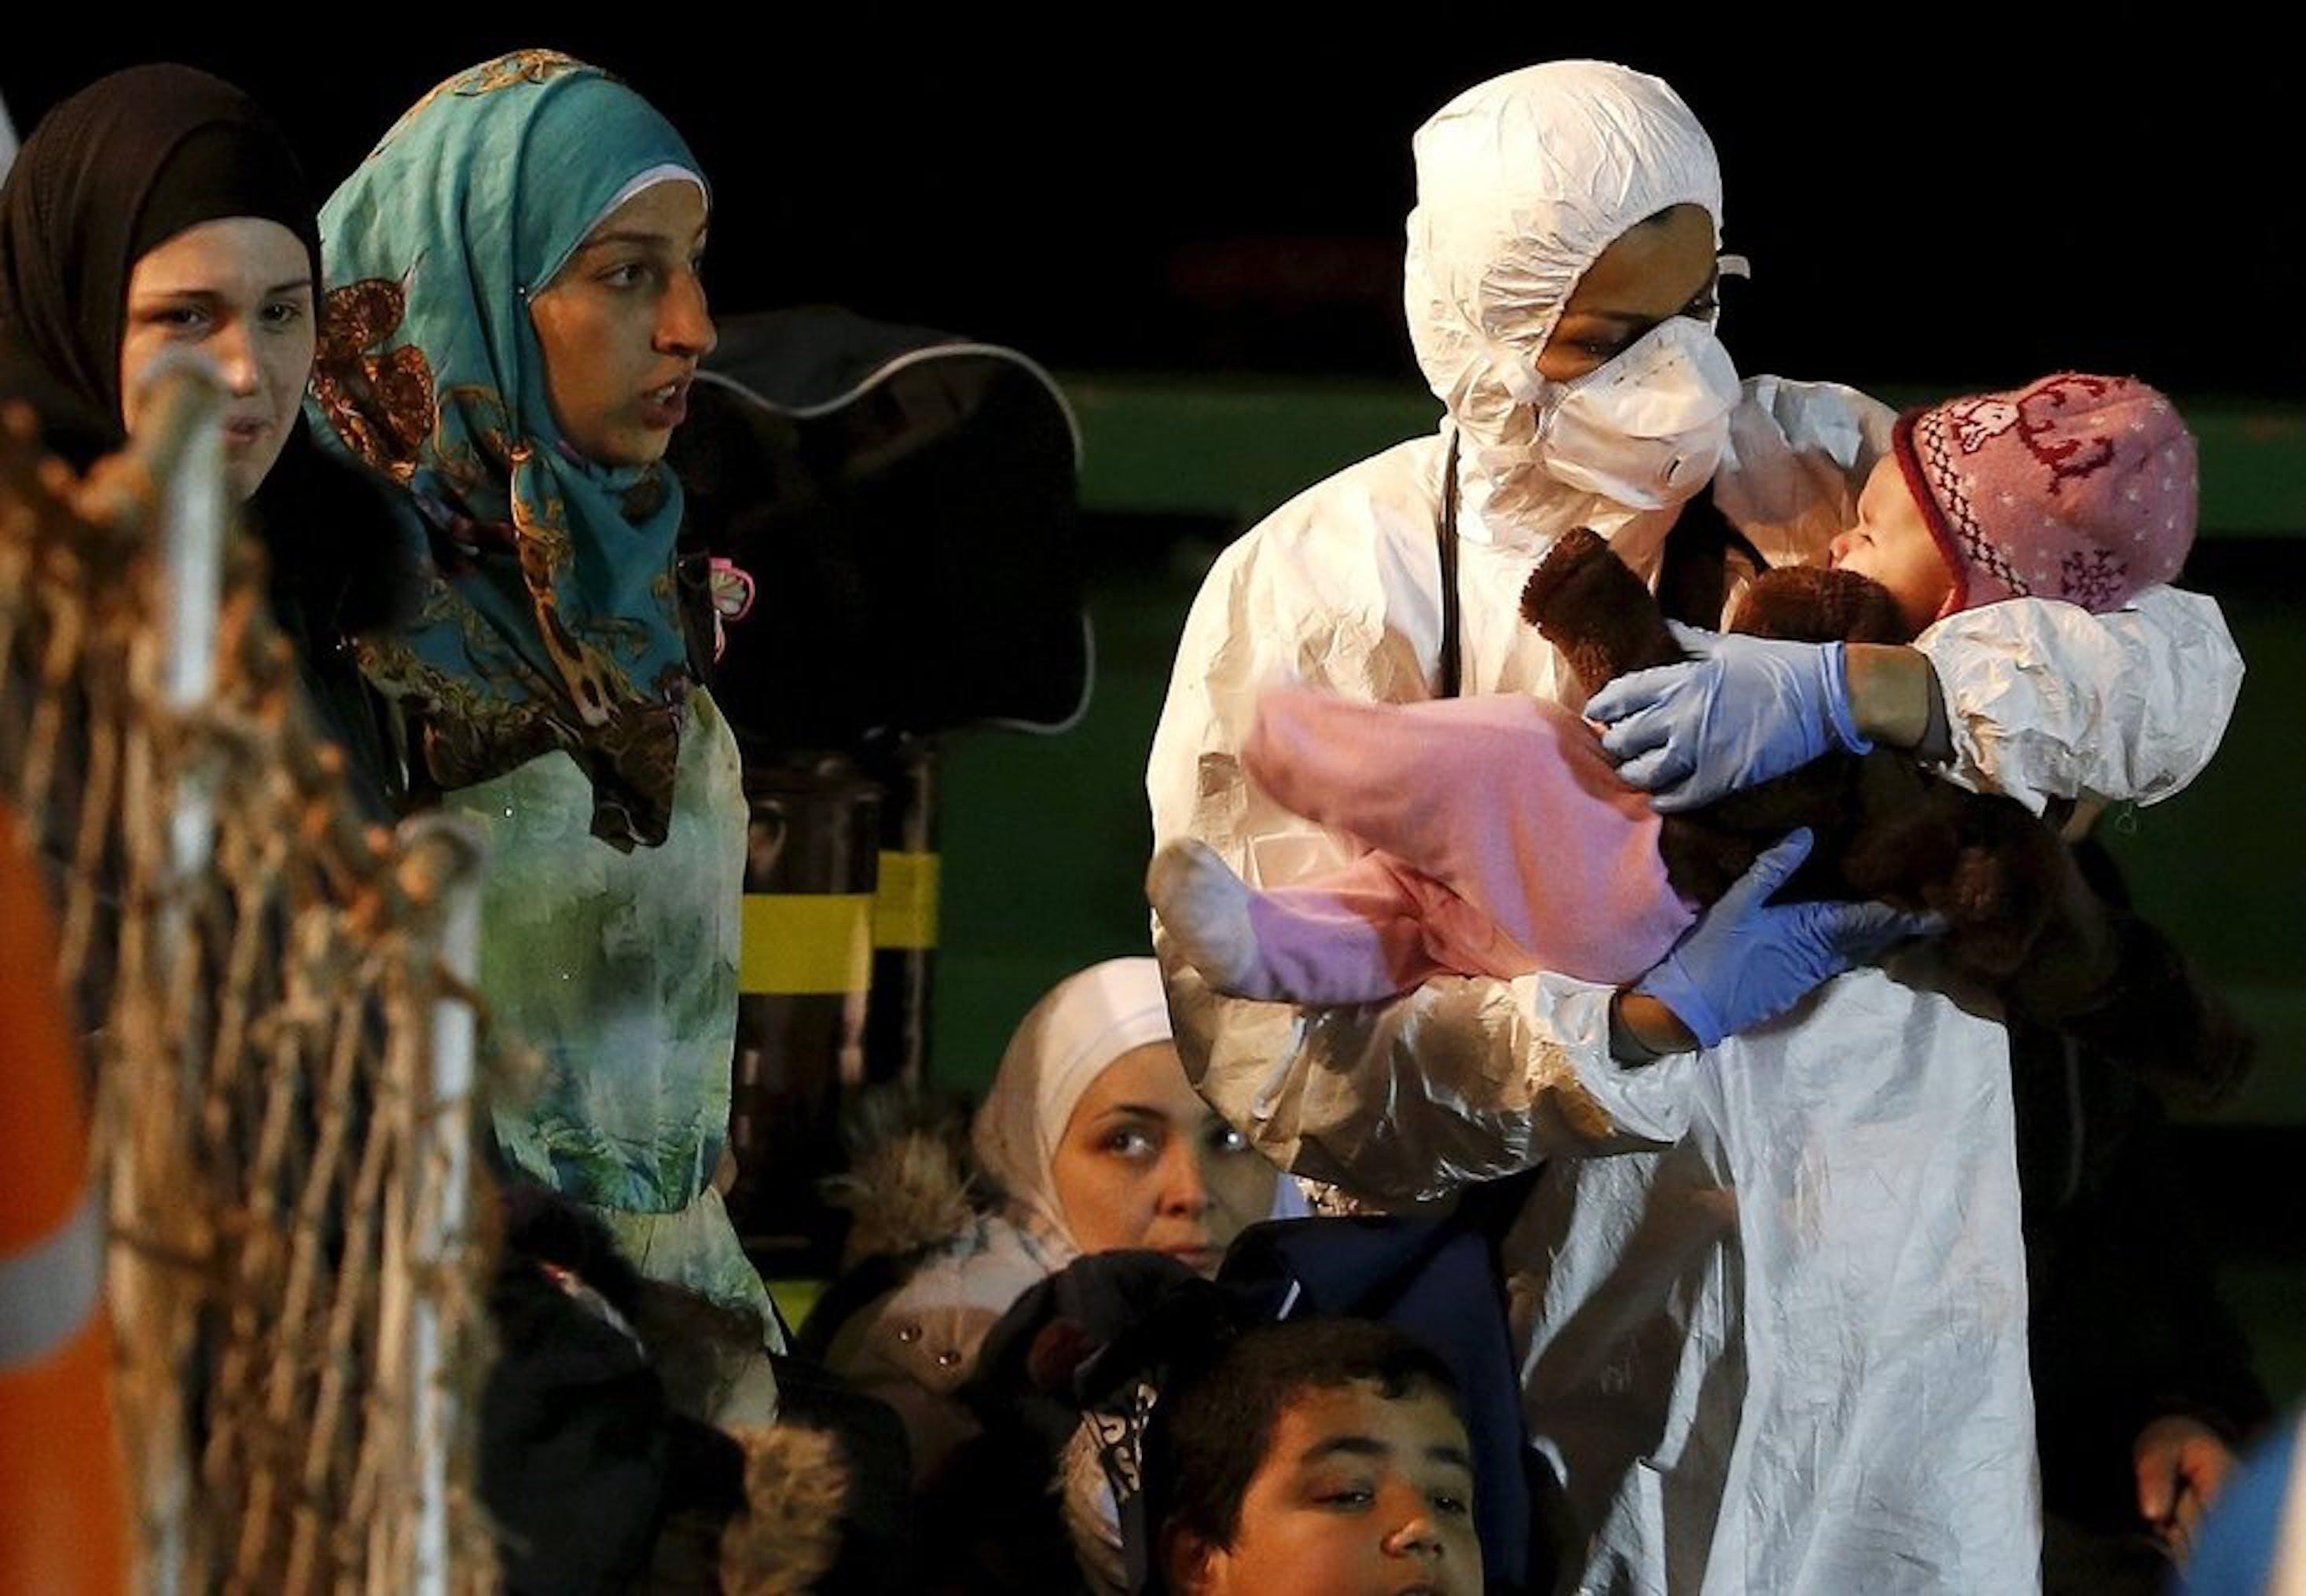 Bambini in un recente sbarco di migranti a Pozzallo (RG), aprile 2015 - Bambini in un recente sbarco di migranti a Pozzallo (RG), aprile 2015 - ©CNS Photo/Alessandro Bianchi, Reuters